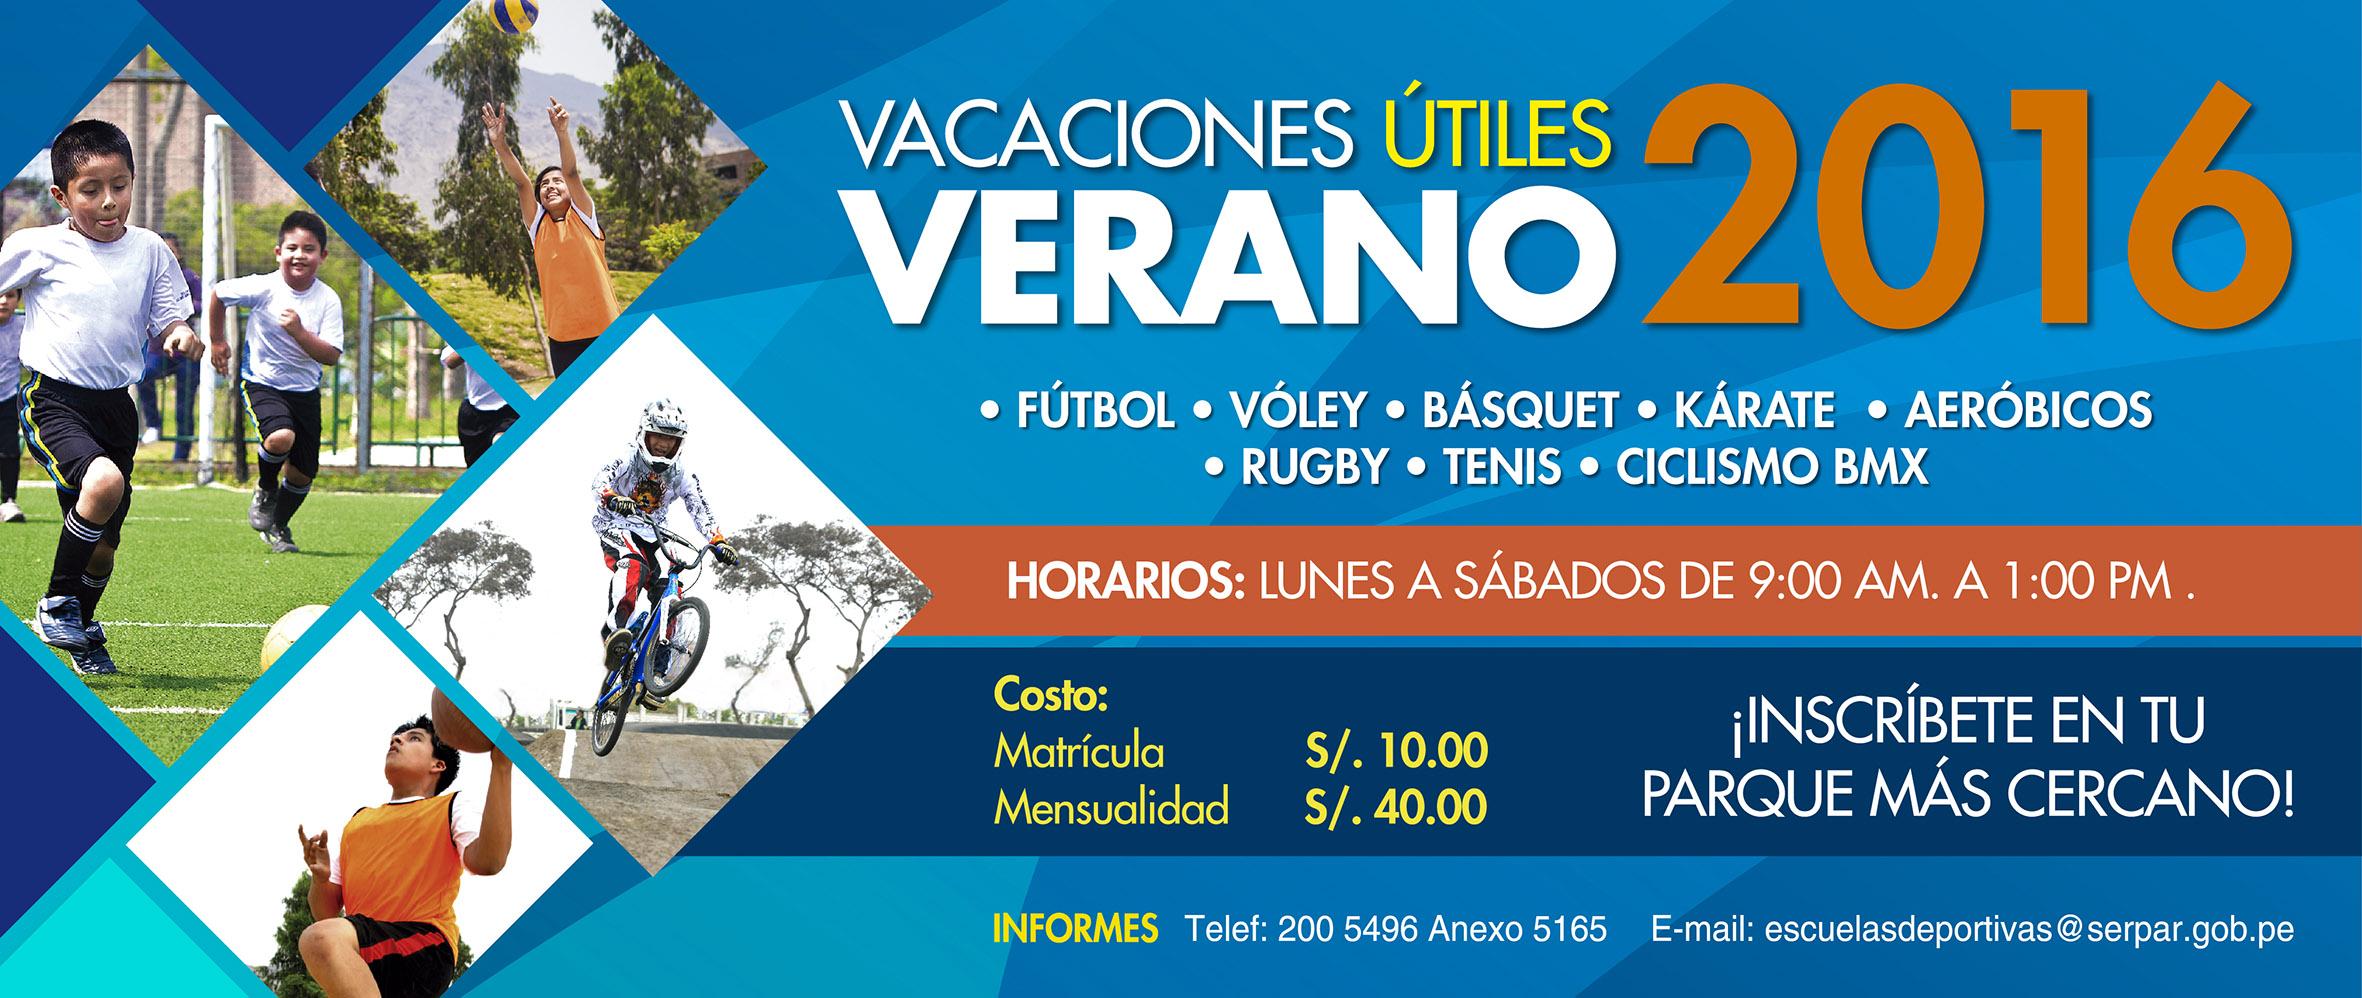 web_escuelas_deportivas-04